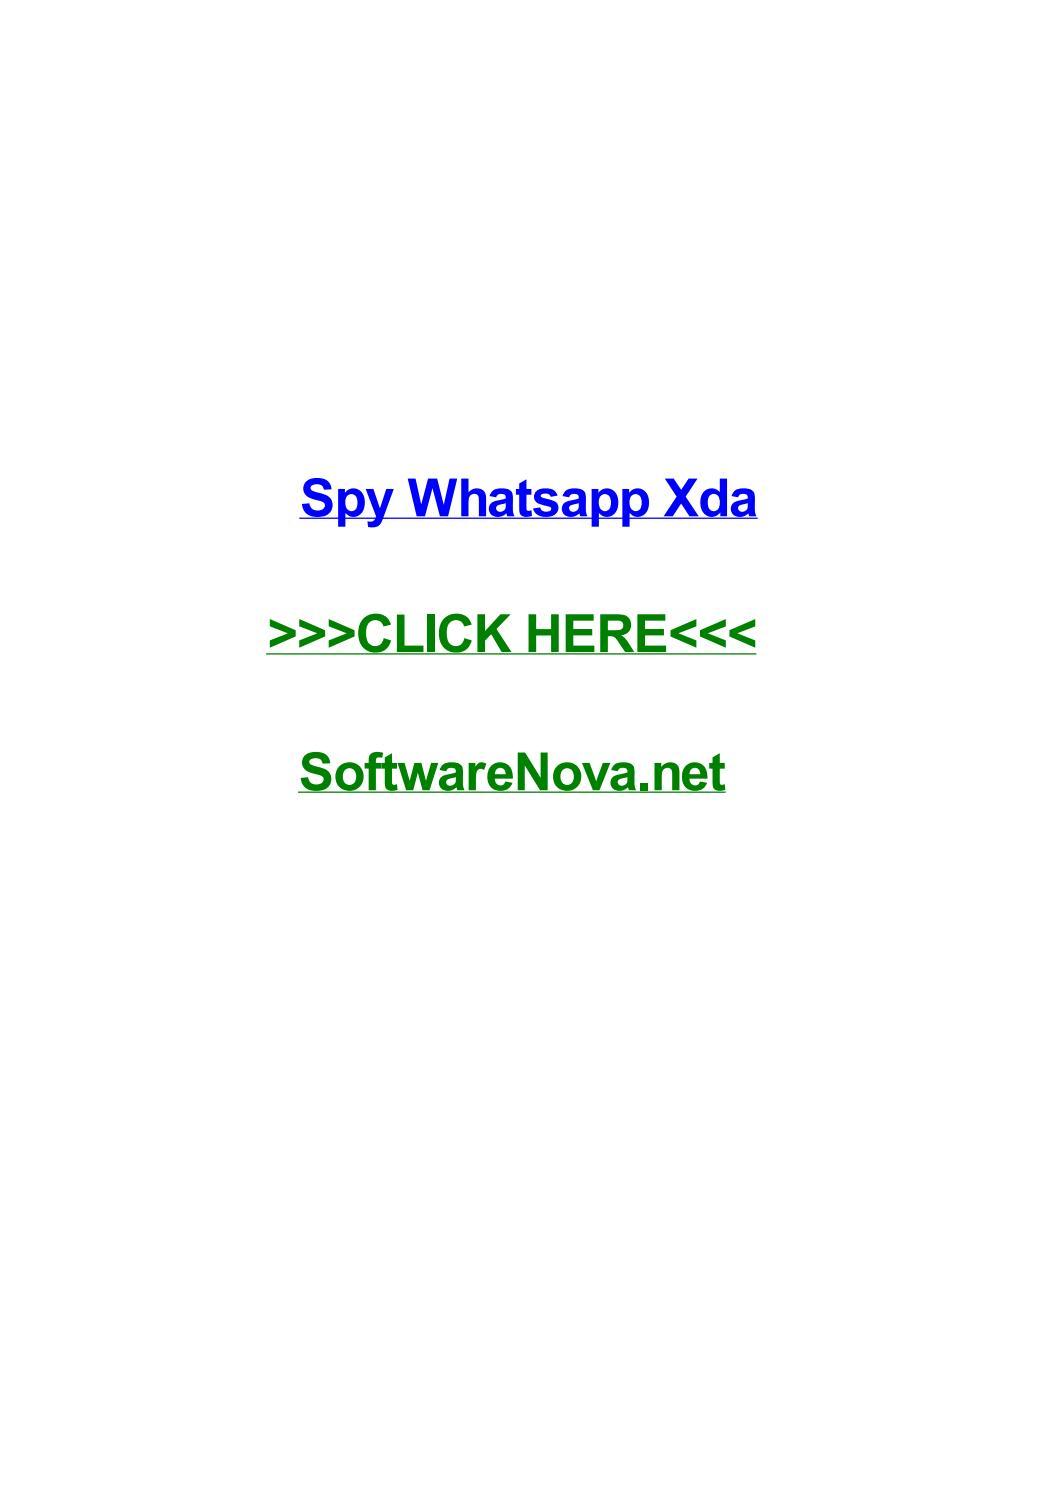 Spy whatsapp xda by saracymo - issuu